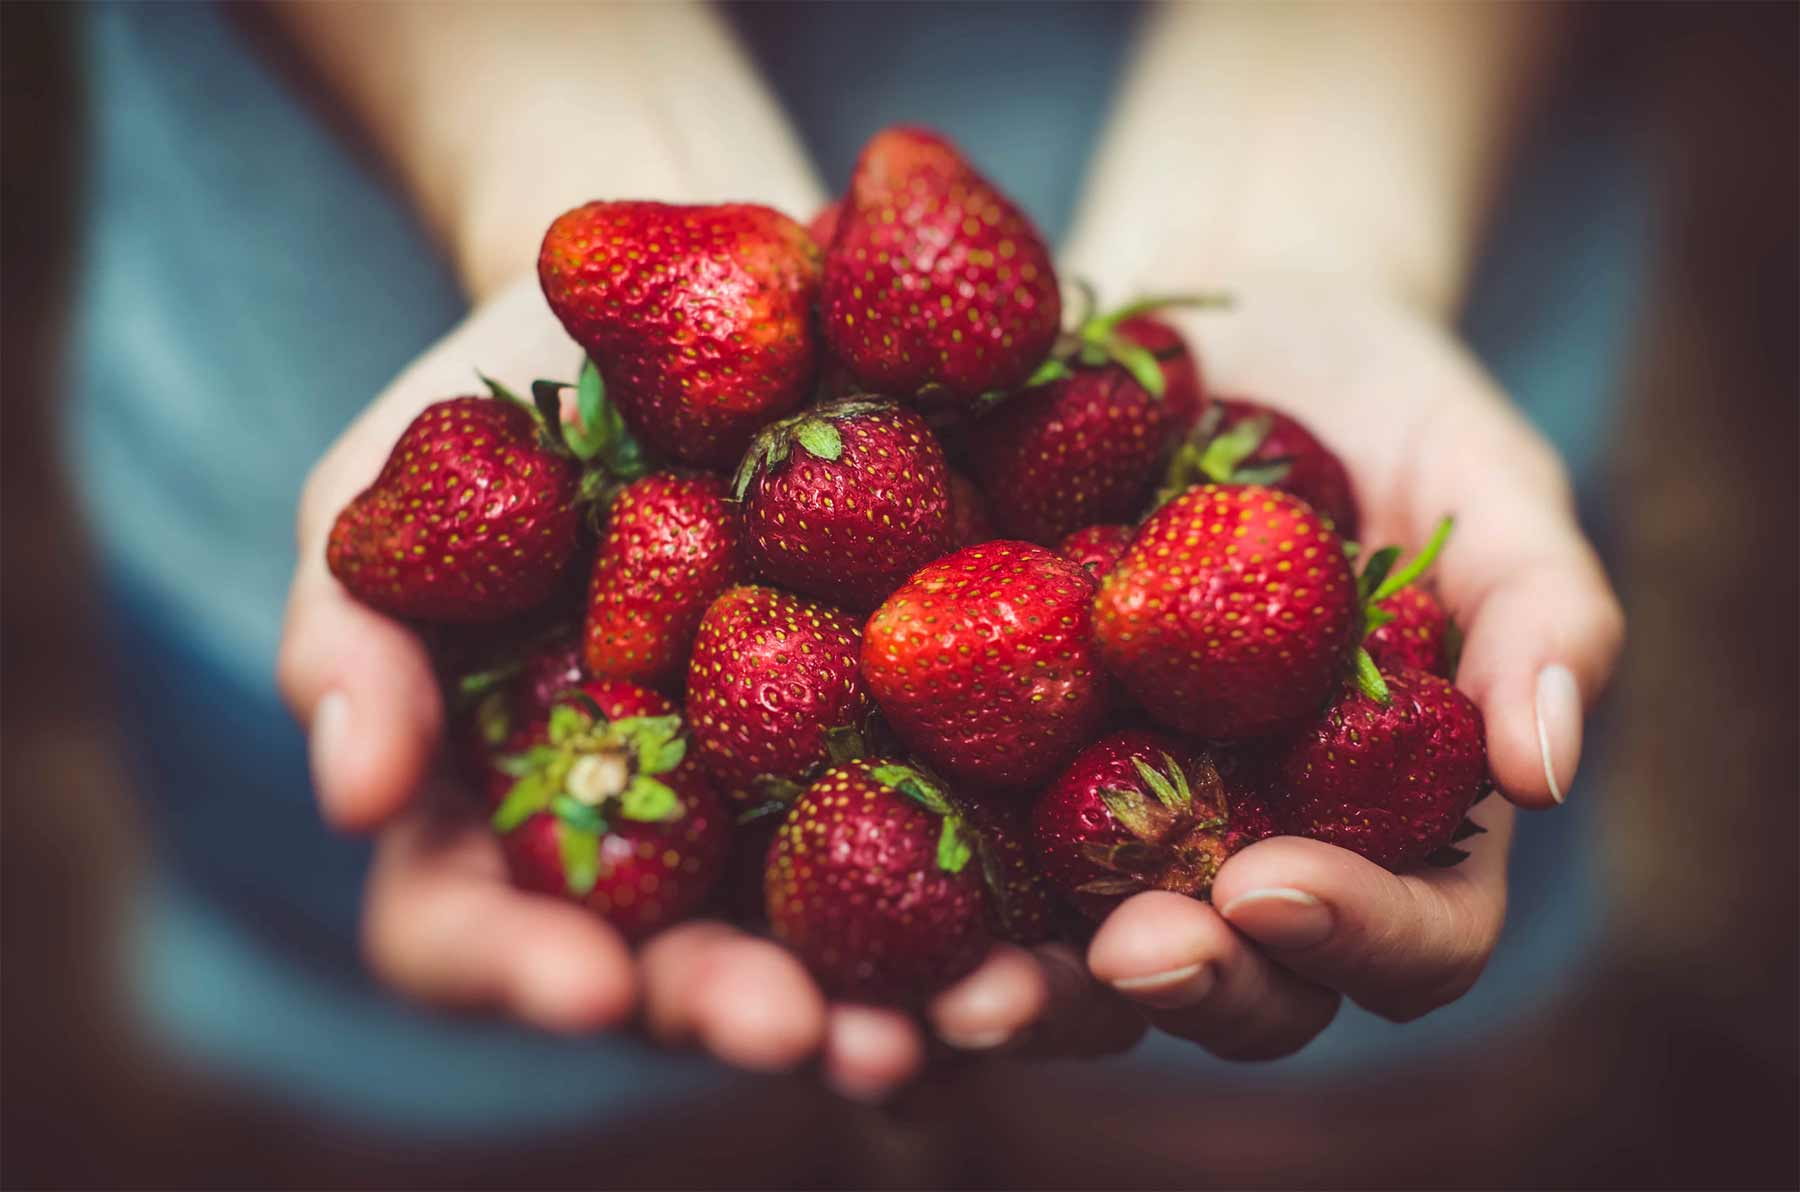 Erdbeeren richtig säubern mit Salzwasser erdbeeren-unsplash